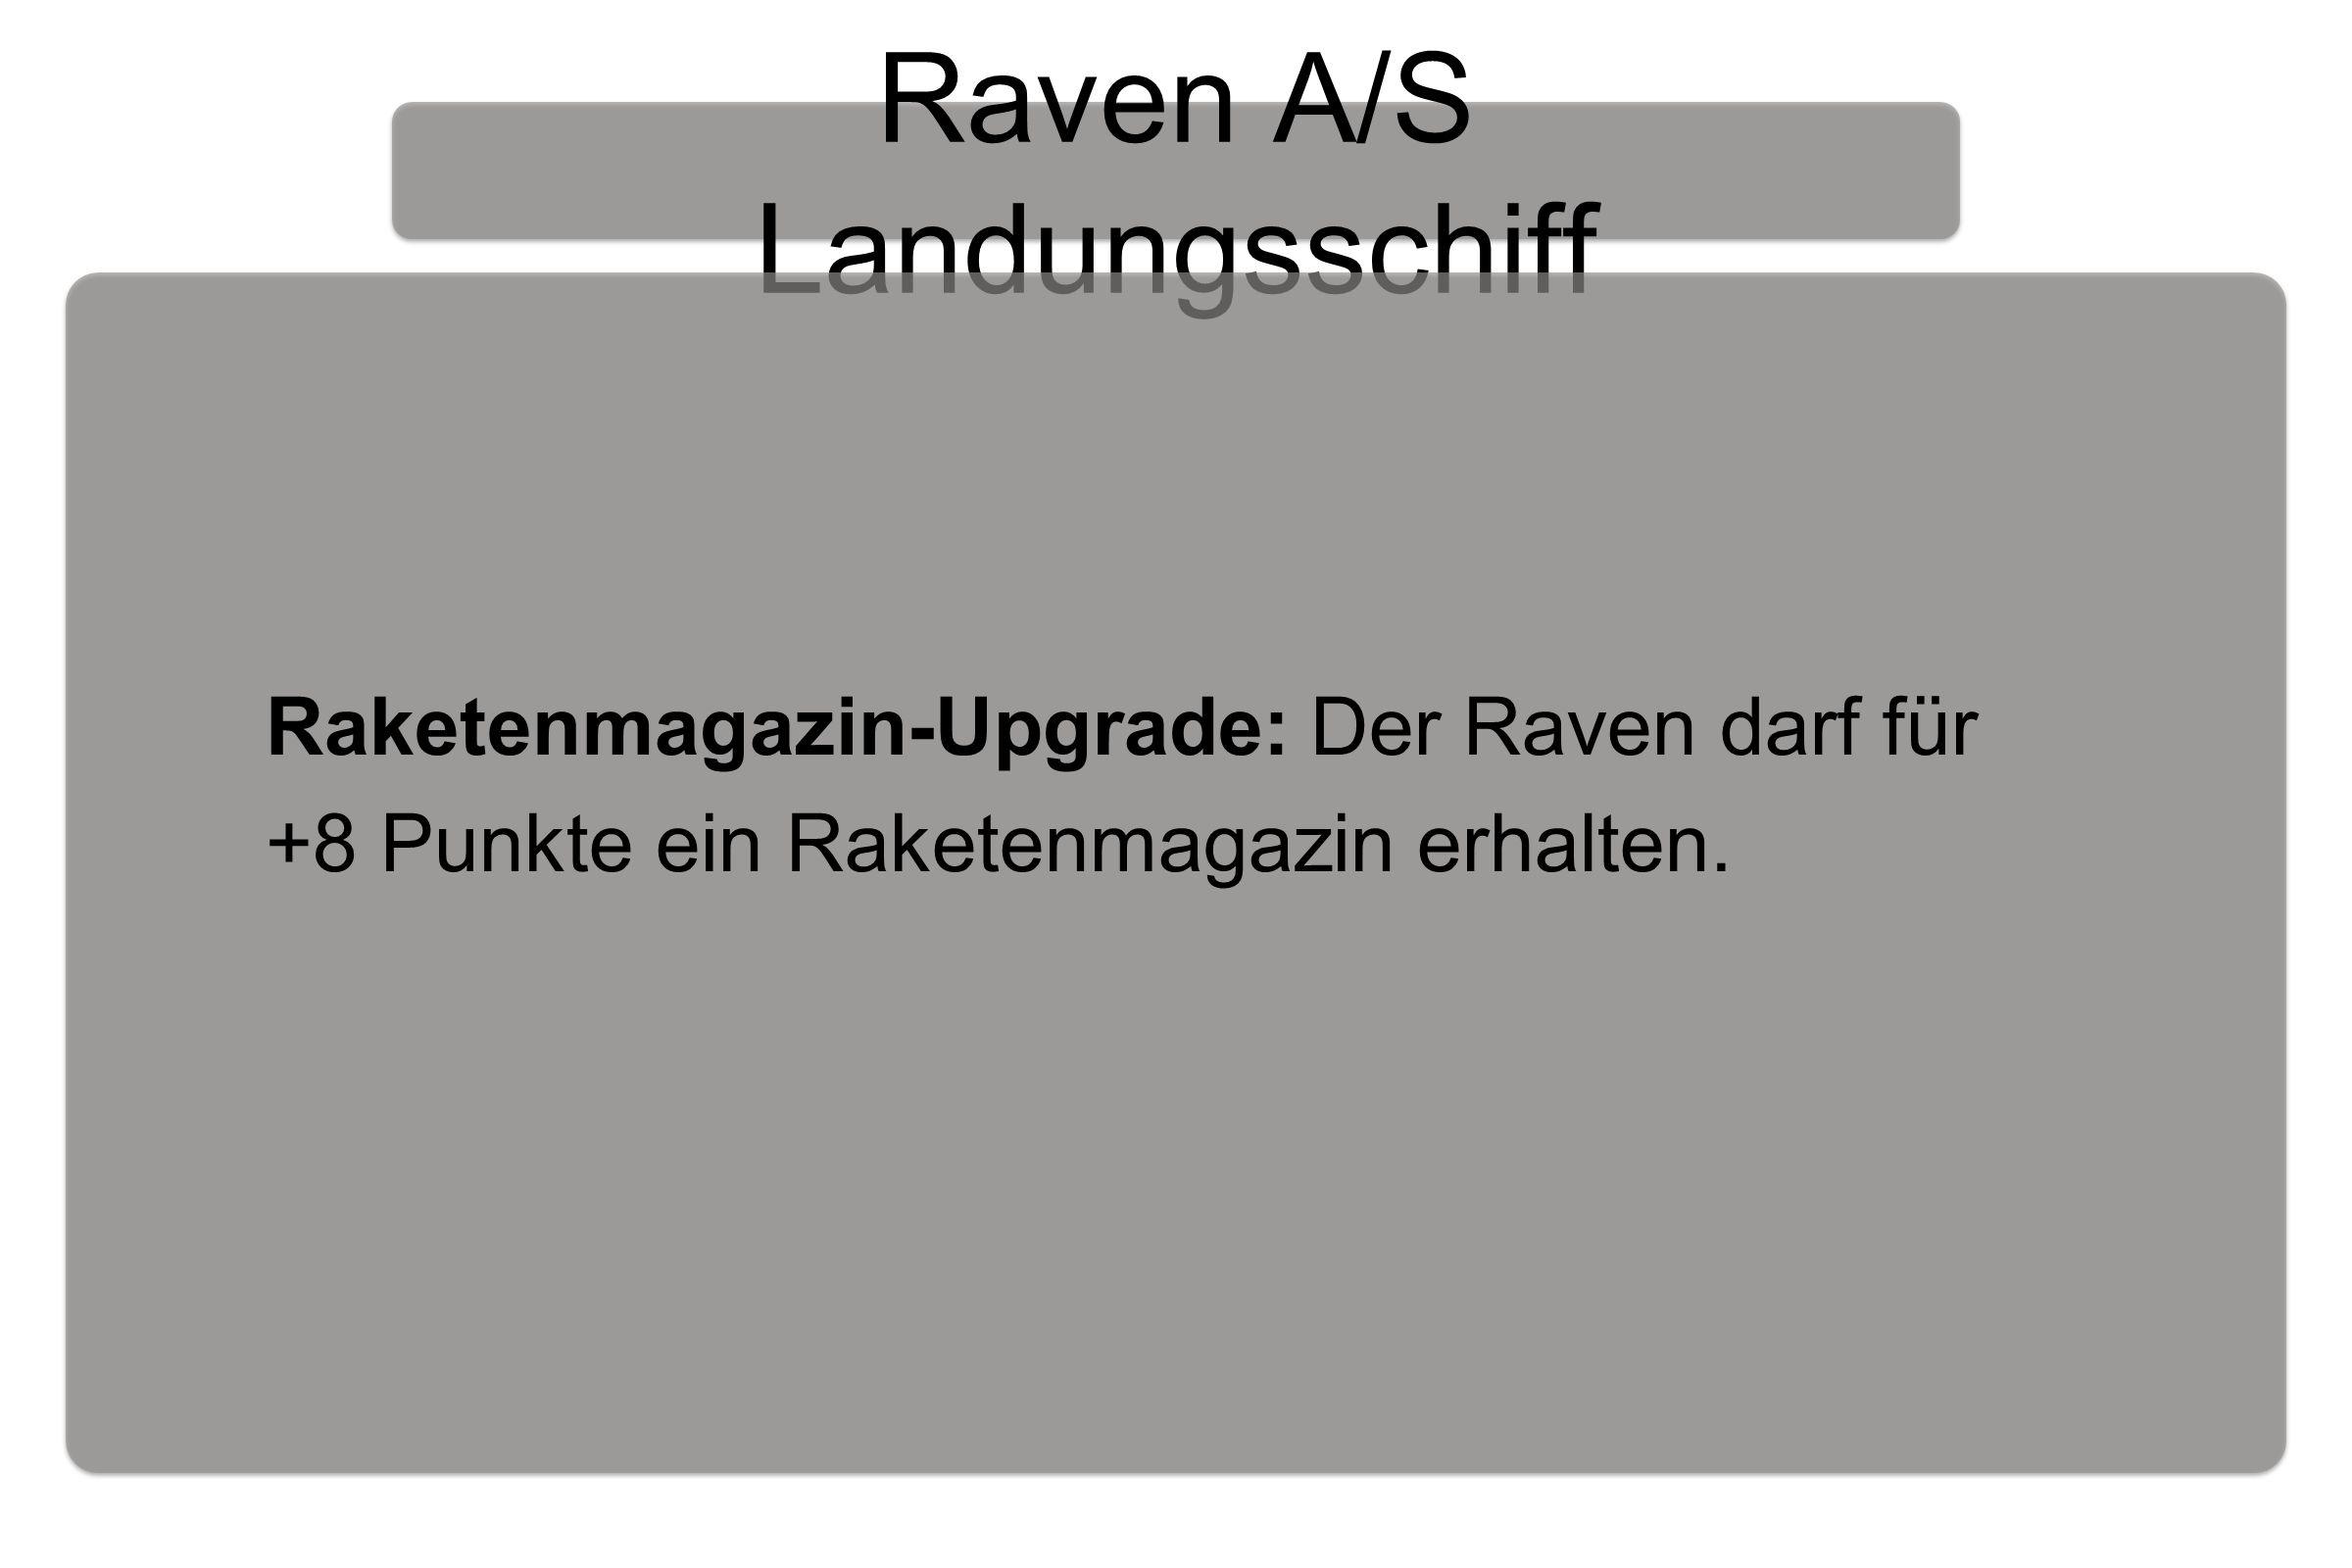 Raven A/S Landungsschiff Raketenmagazin-Upgrade: Der Raven darf für +8 Punkte ein Raketenmagazin erhalten.